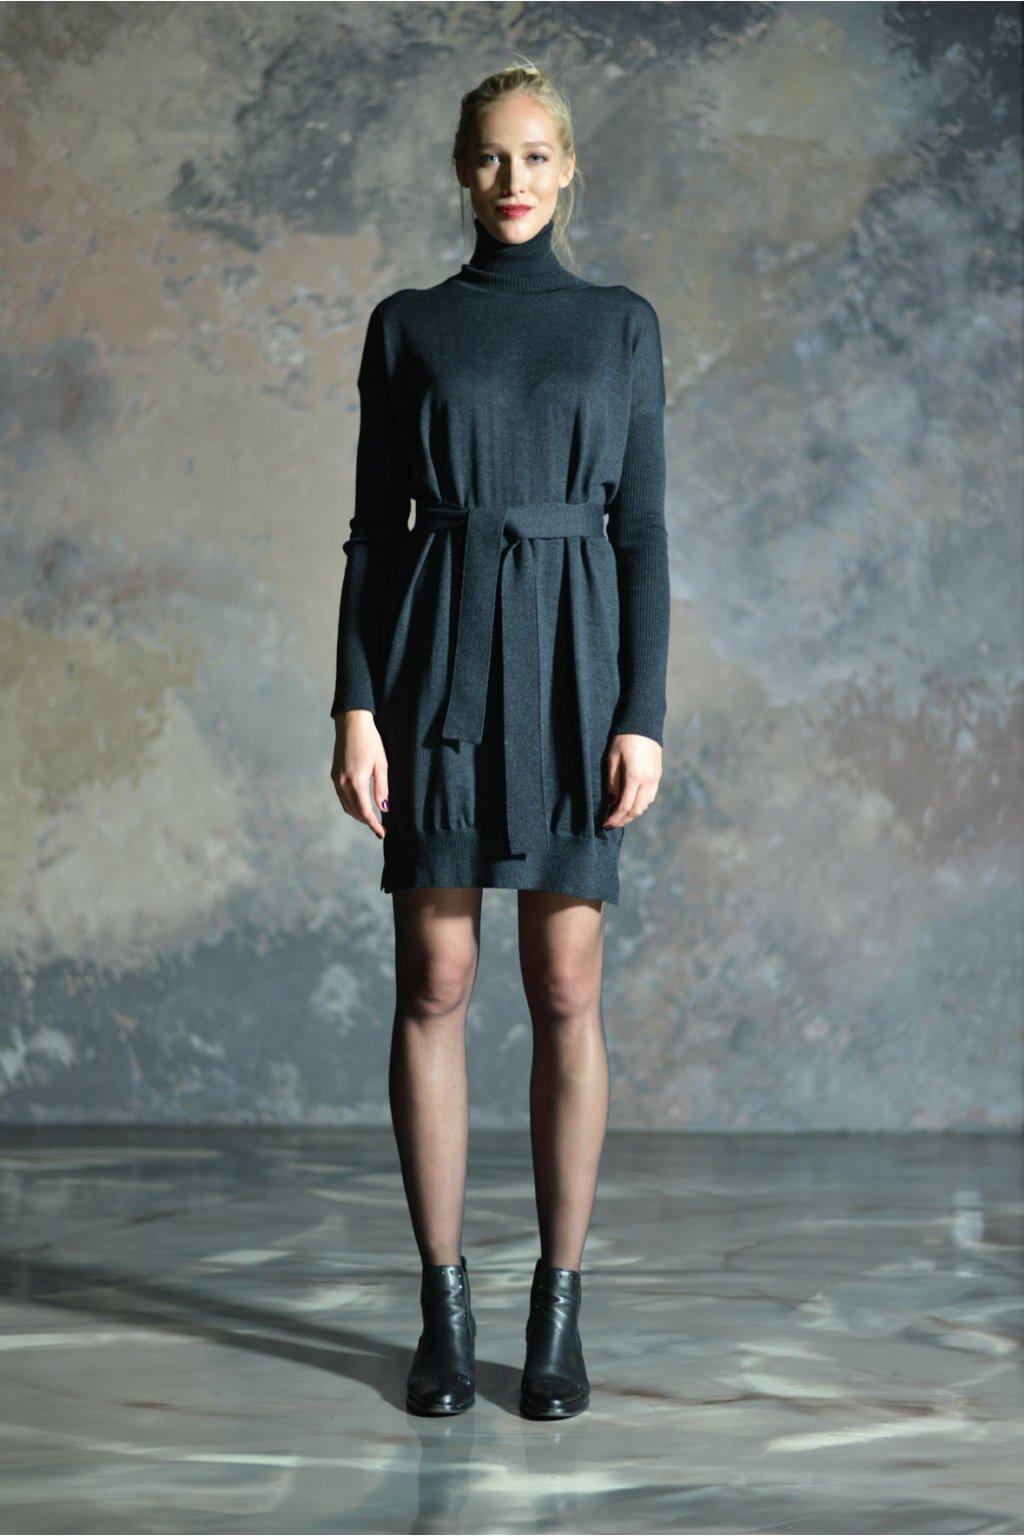 Merino rolákové šaty MIK s dlouhým rukávem antracit 1